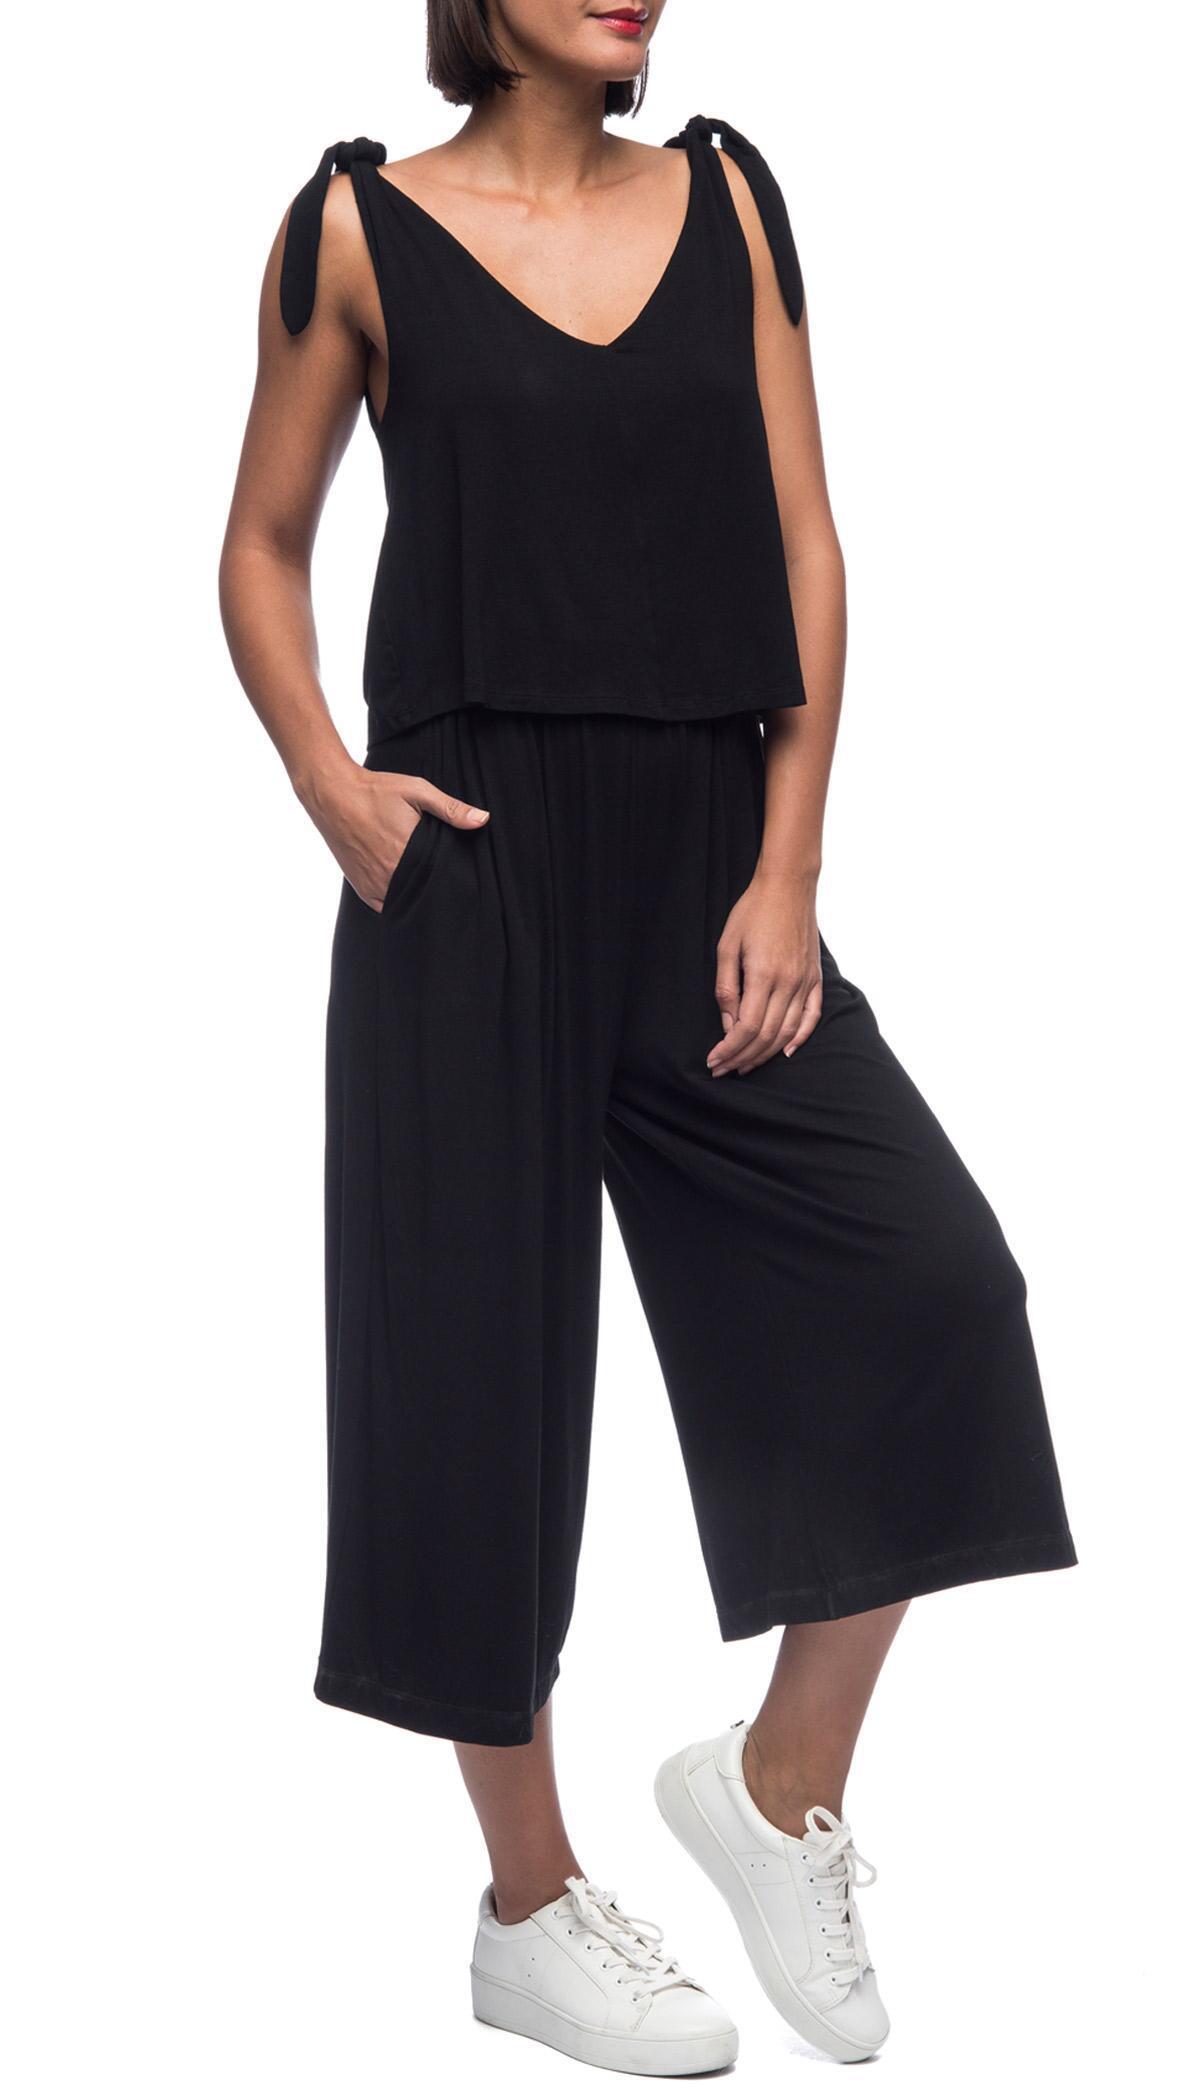 e39dd595dec51 Bobeau - Black Vicky Knit Jumpsuit - Lyst. View fullscreen